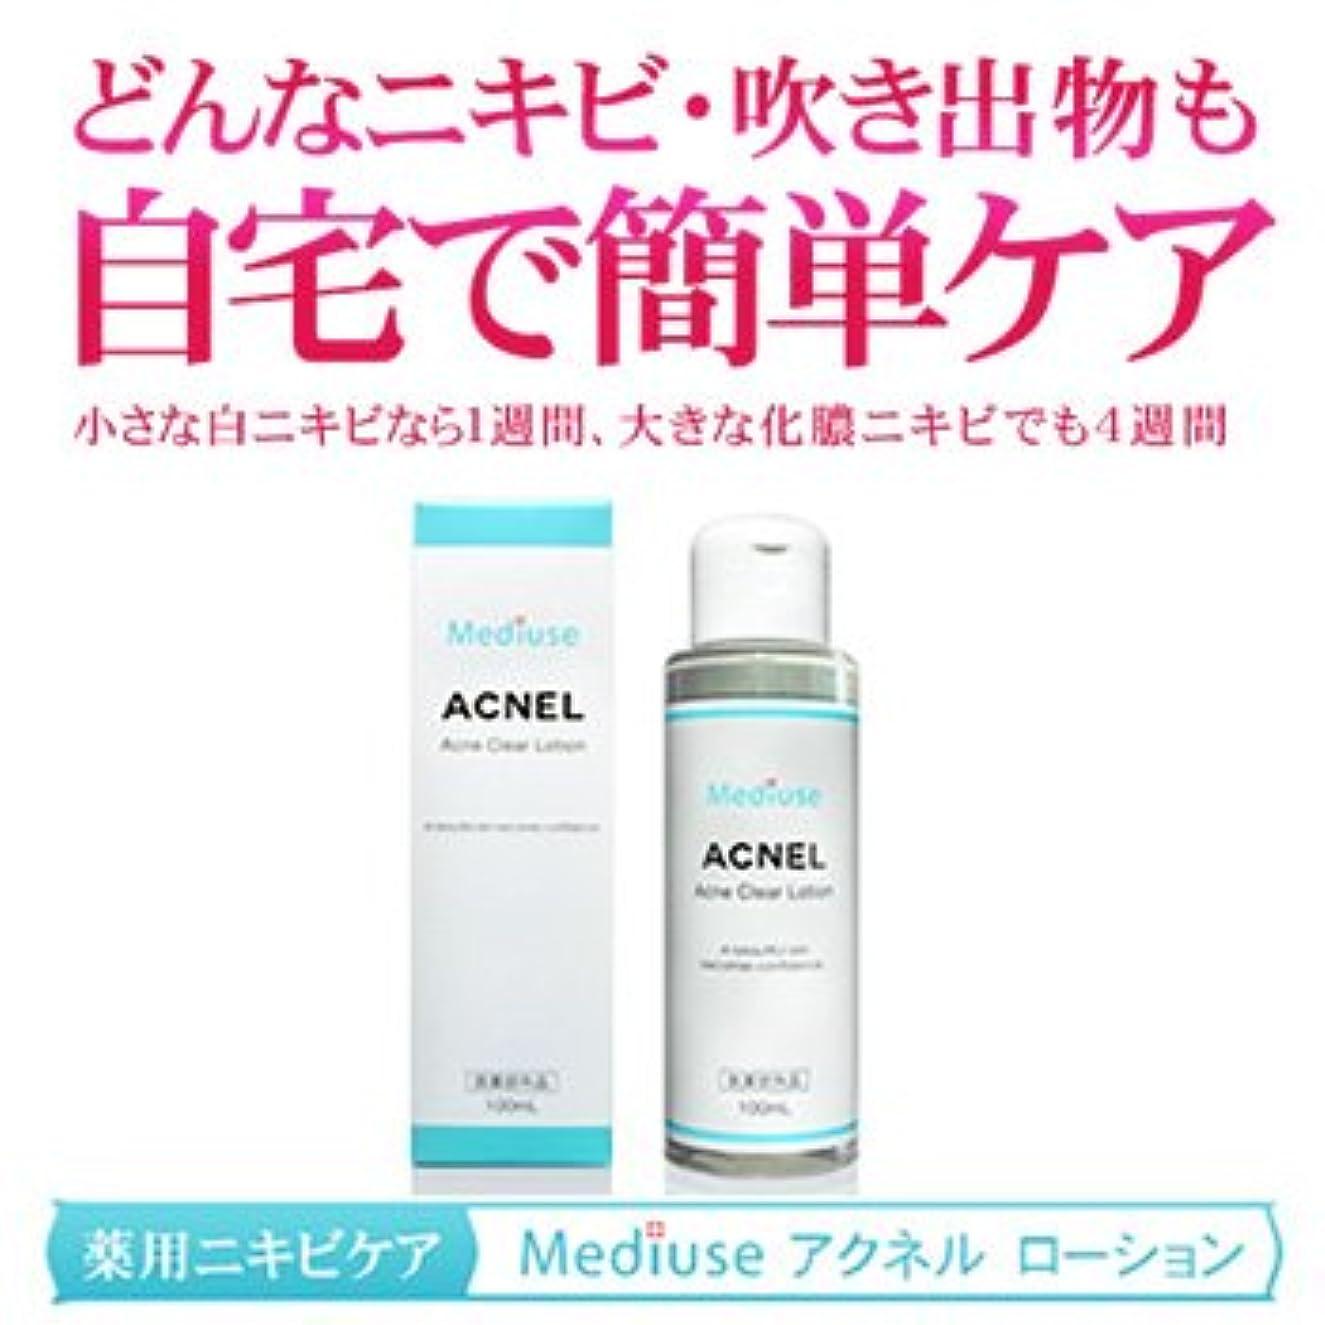 完全に汚れる凝視メデュース アクネル アクネクリアローション(薬用ニキビケアローション)医薬部外品